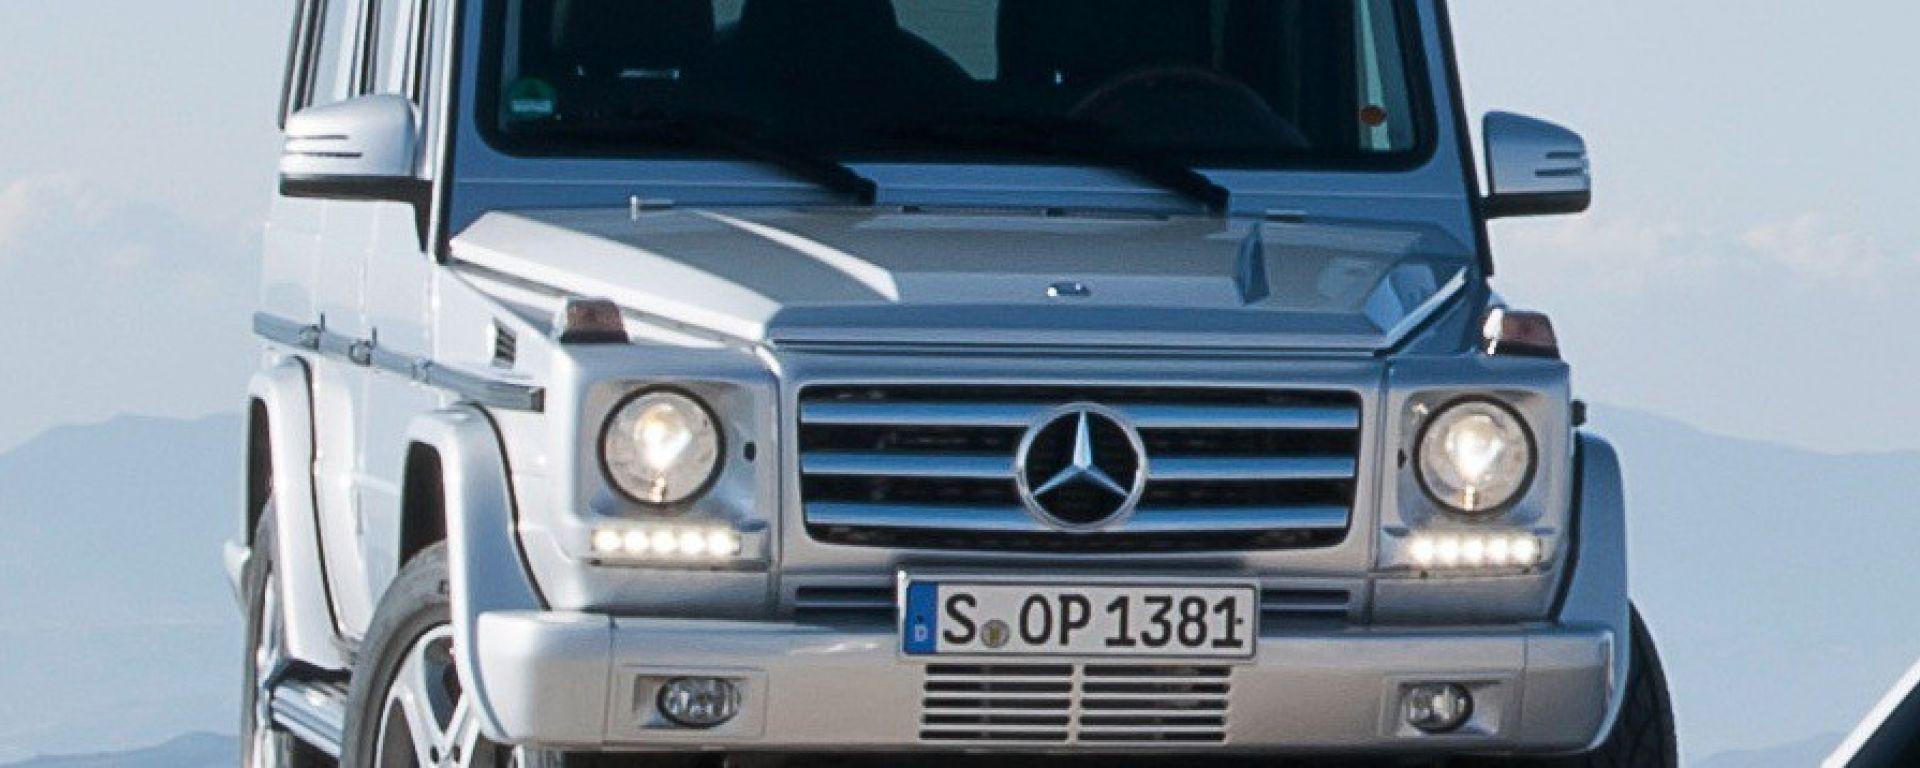 Mercedes Classe G 2012: un cameo inatteso